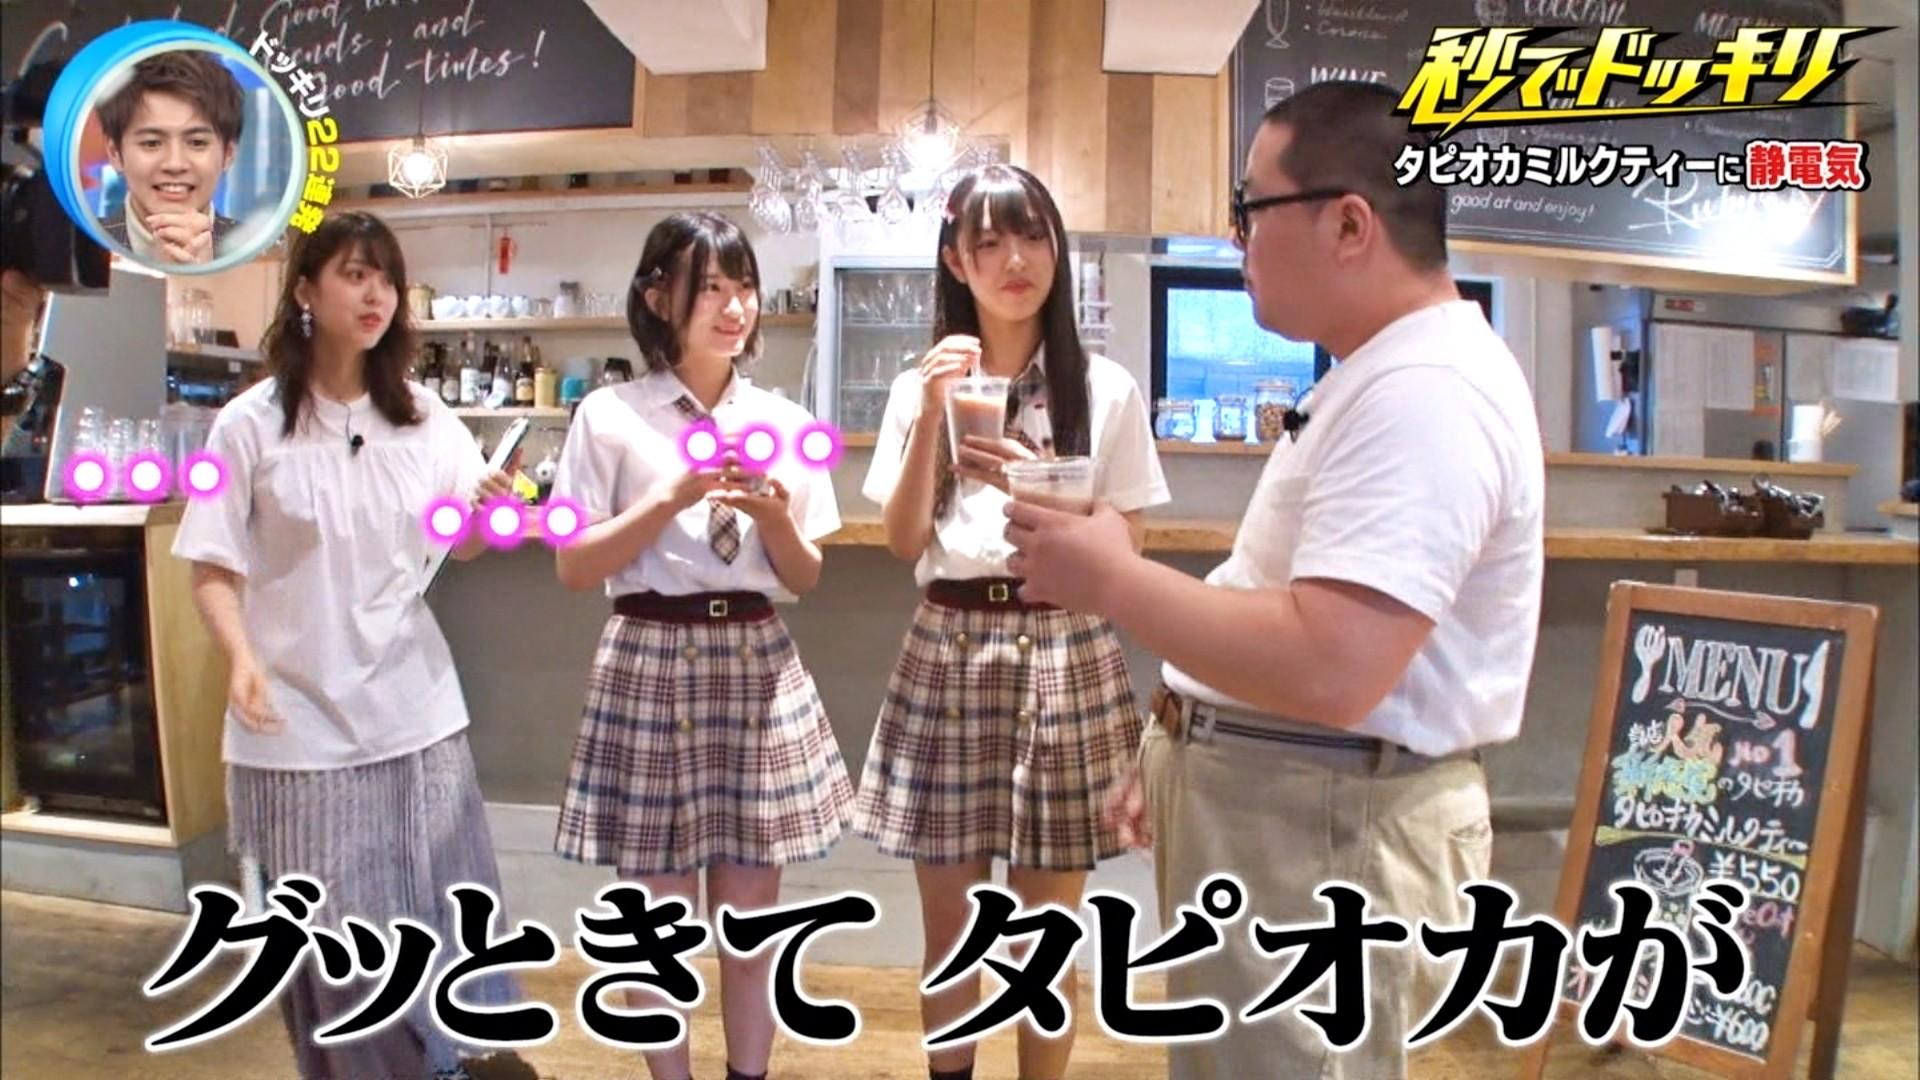 2019年11月30日にフジテレビ系列でほうそうされた「芸能人が本気で考えた!ドッキリGP」に出演したNMB48上西怜・大田莉央奈の画像-028